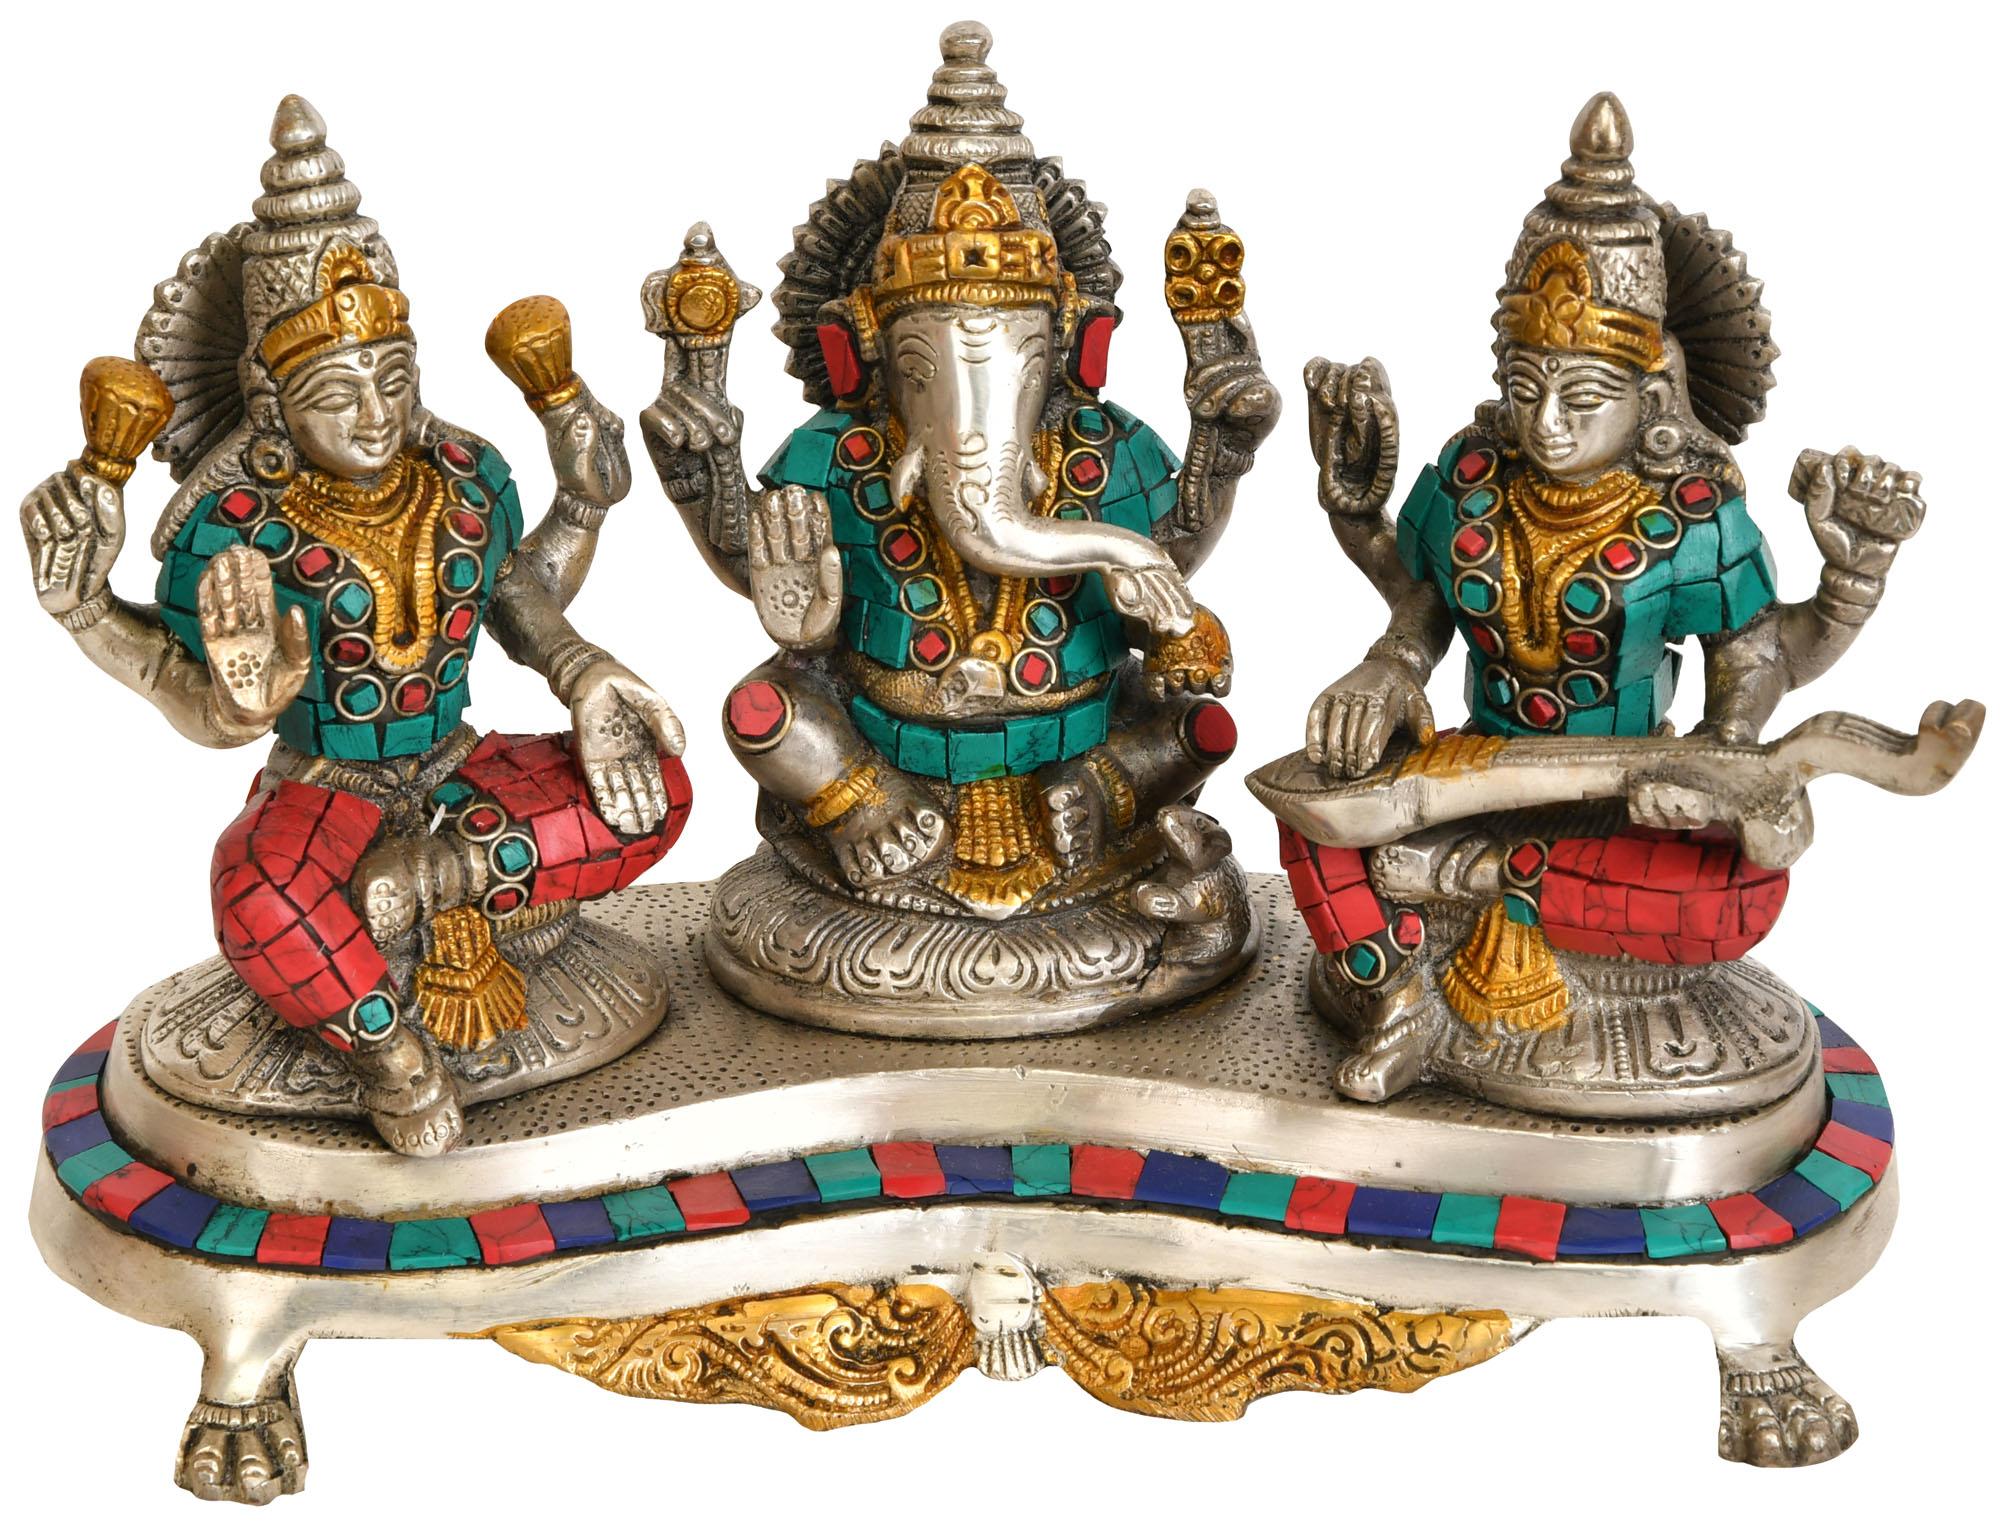 большое блюдо фотографии статуэток индийских богов нее